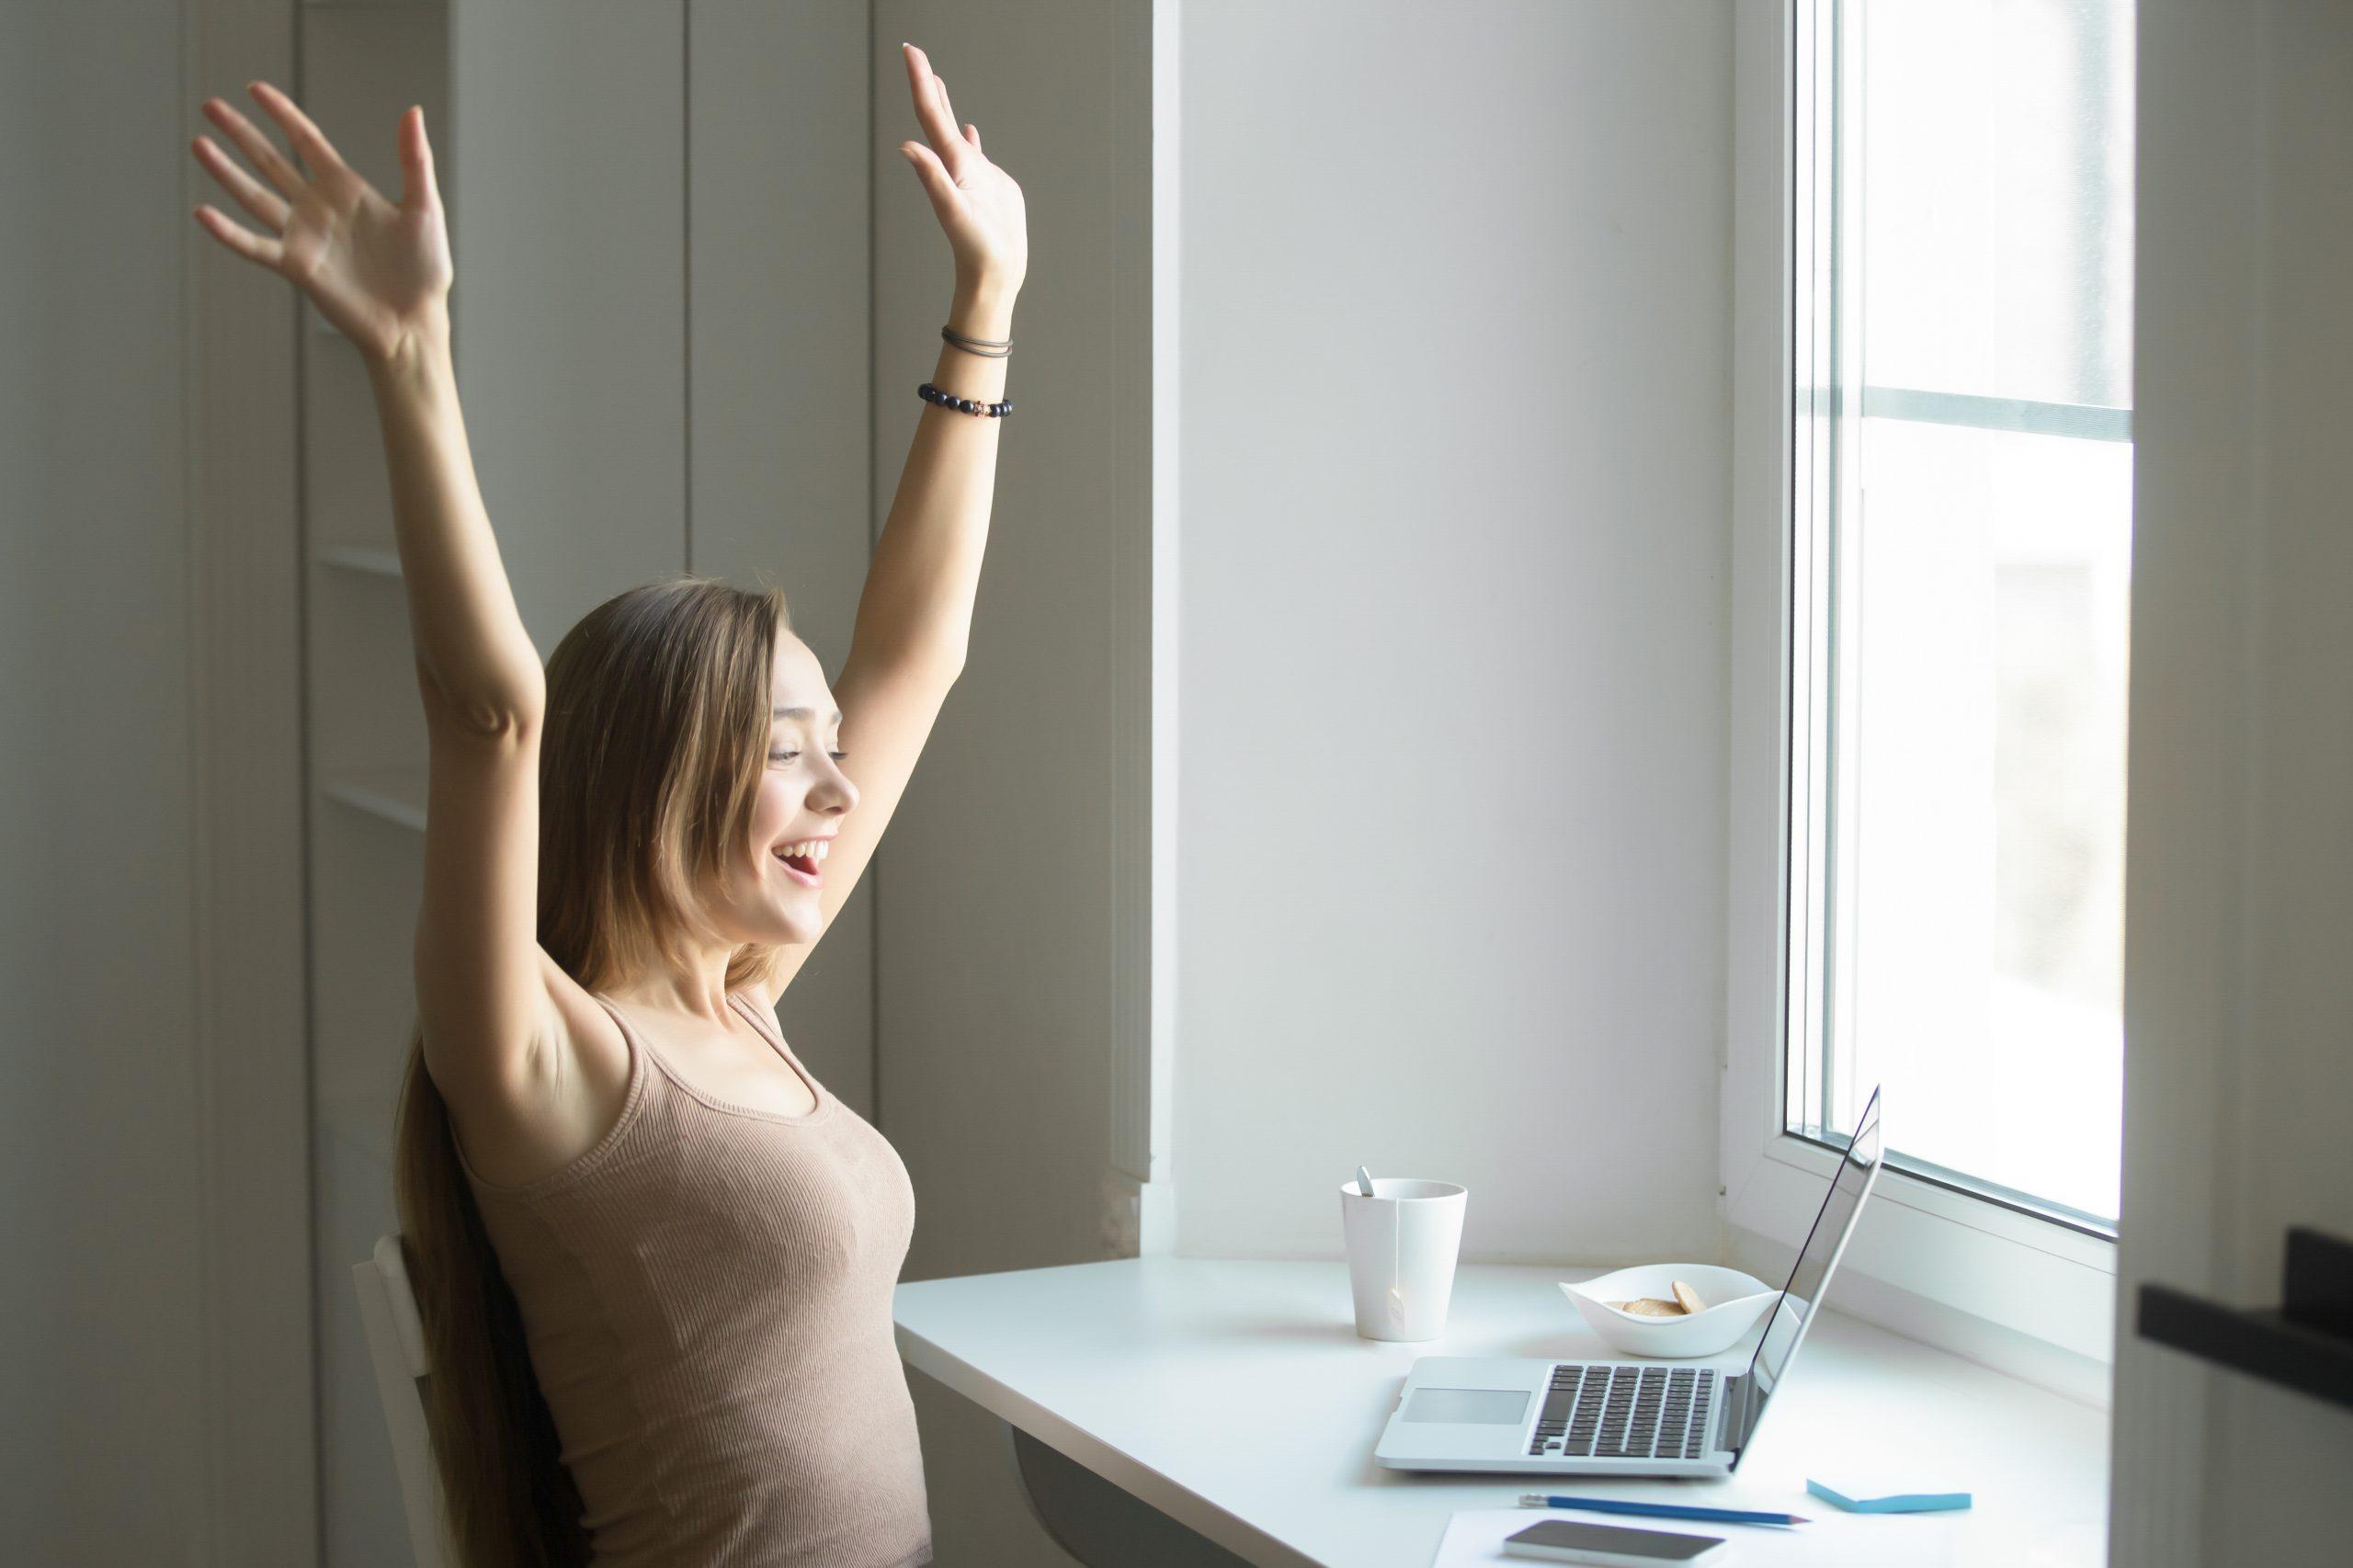 Ganar autoconfianza y mantener la motivación